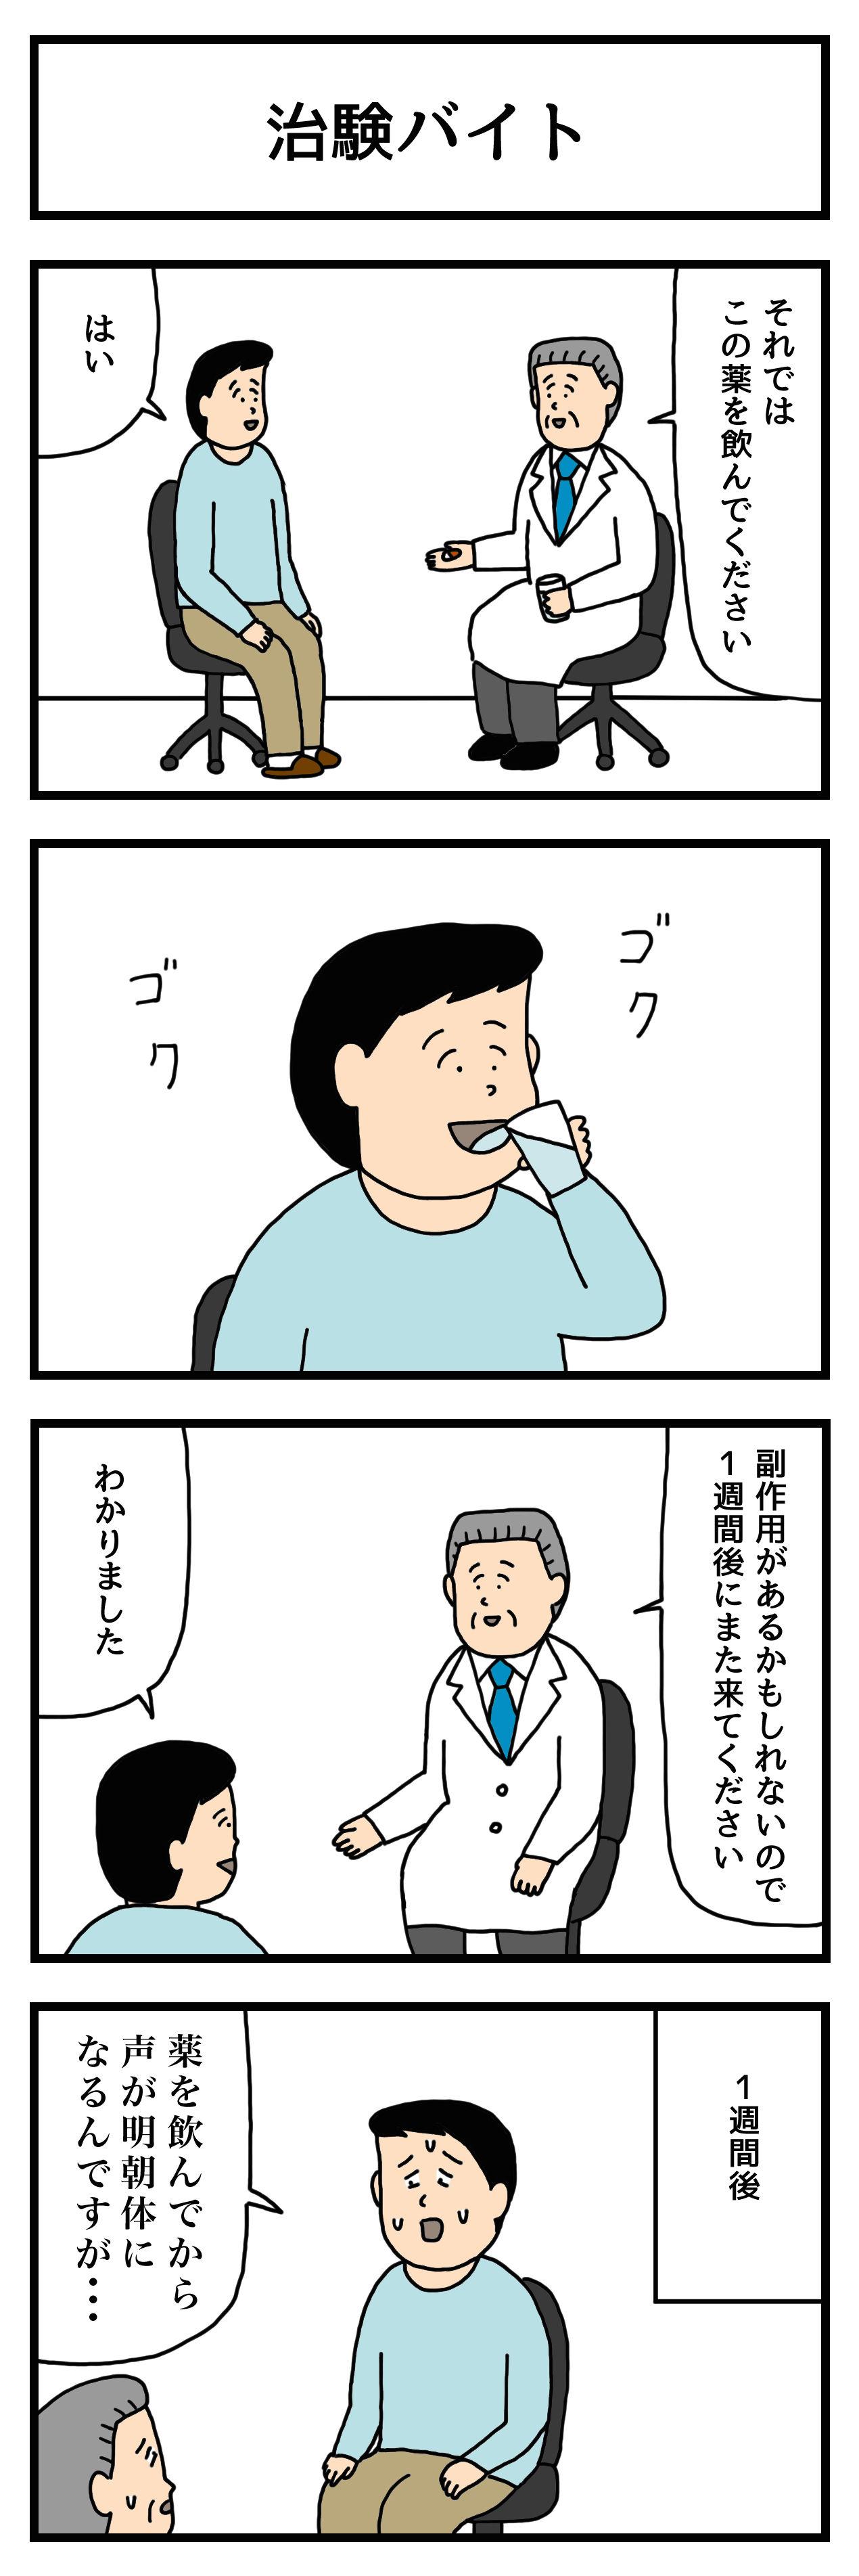 バイト 治験